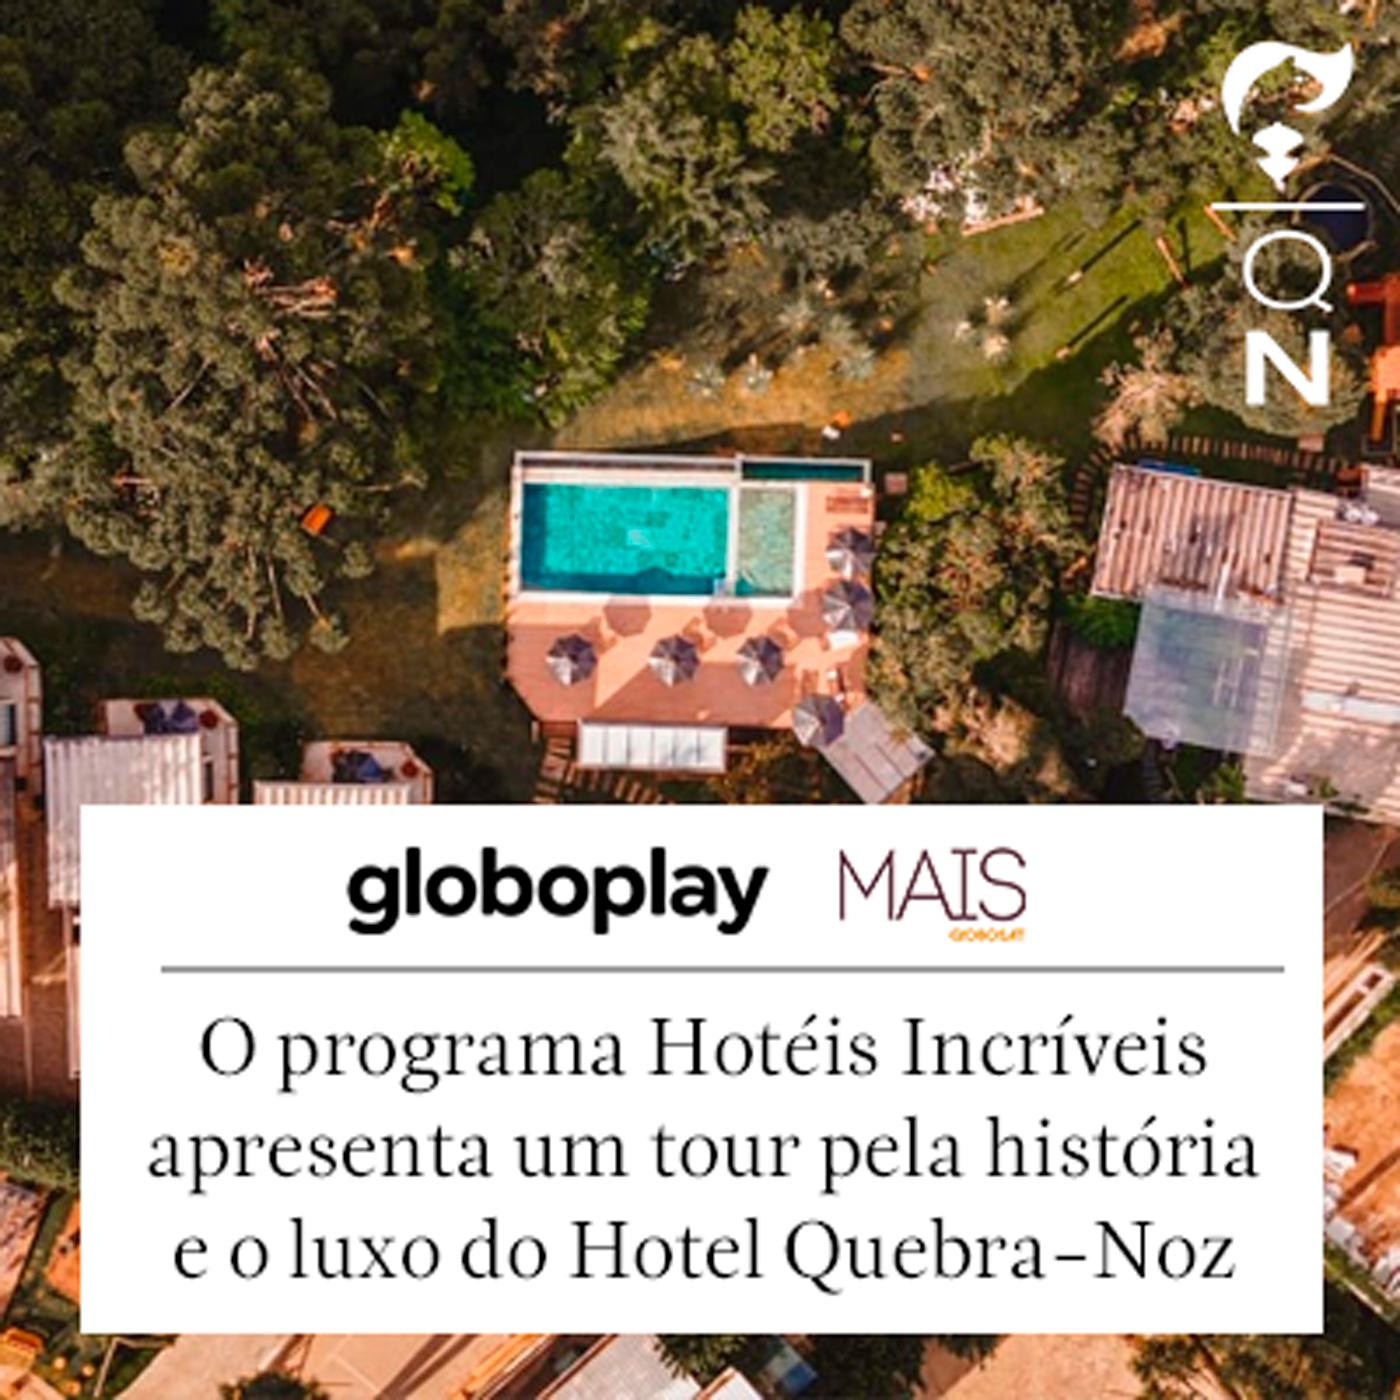 Programa Hotéis Incríveis GloboPlay Hotel Boutique Quebra-Noz